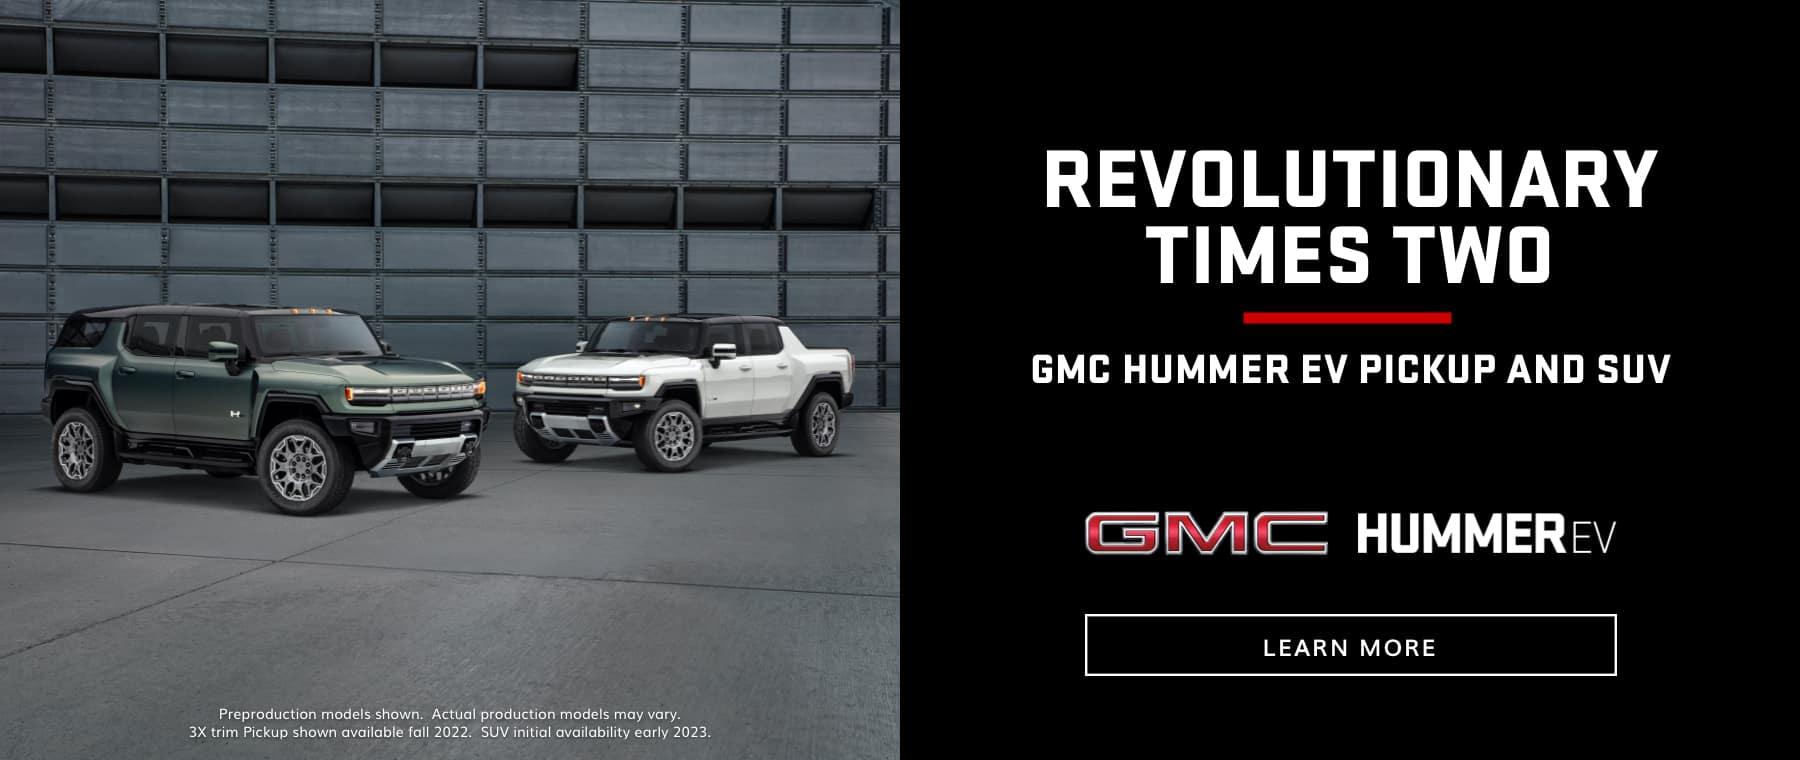 2023 GMC HUMMER